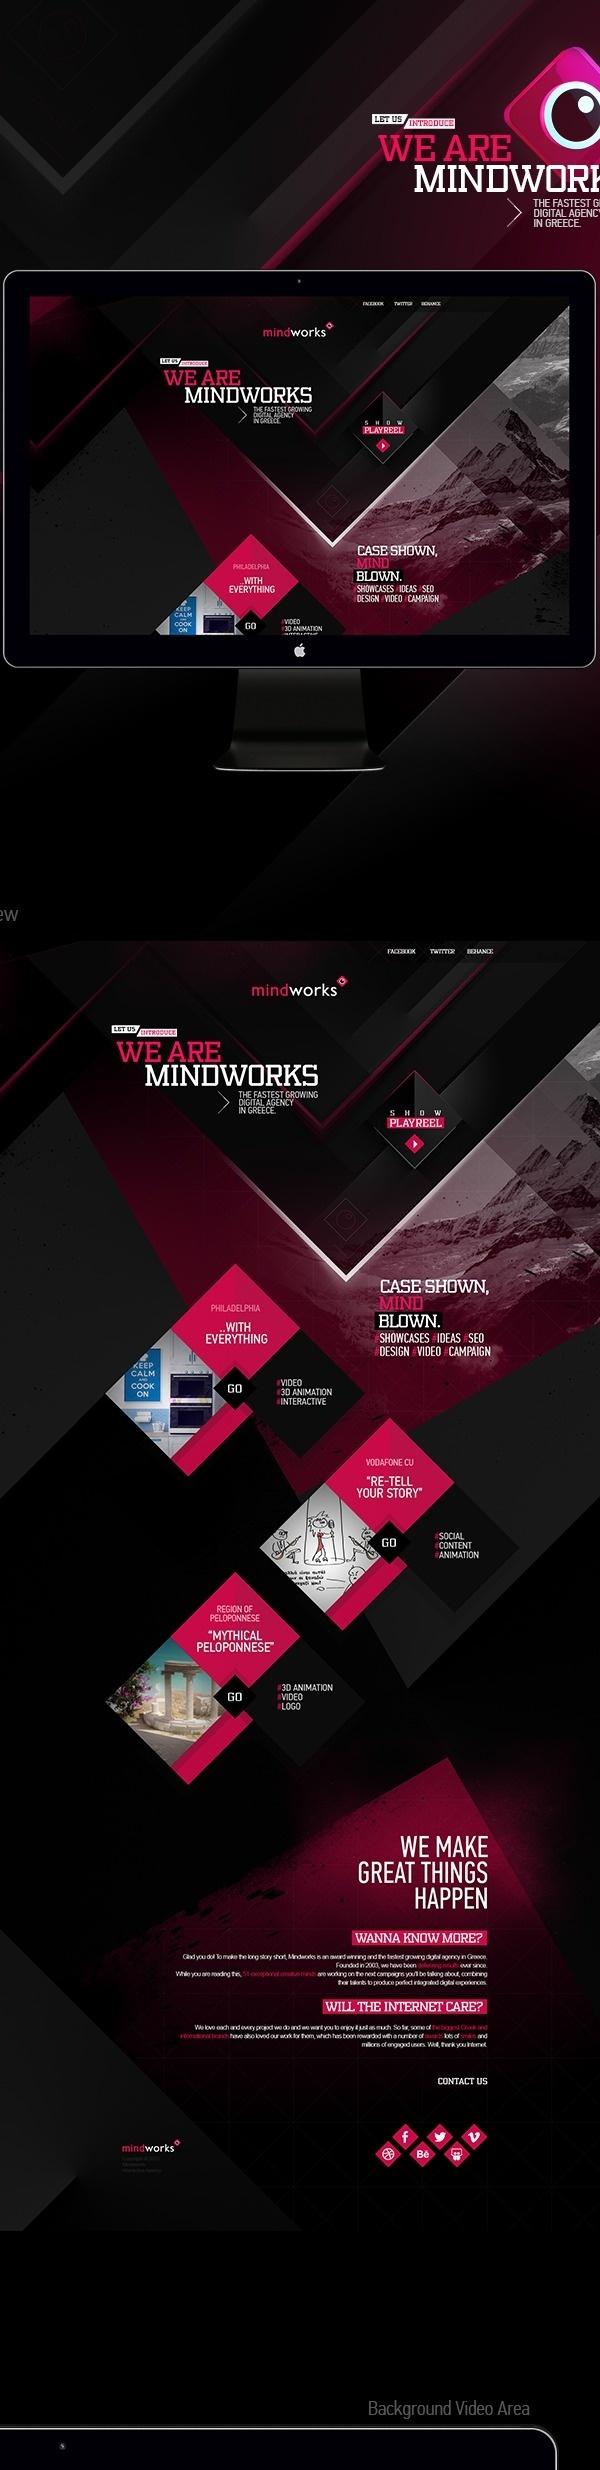 Mindworks New Website #web